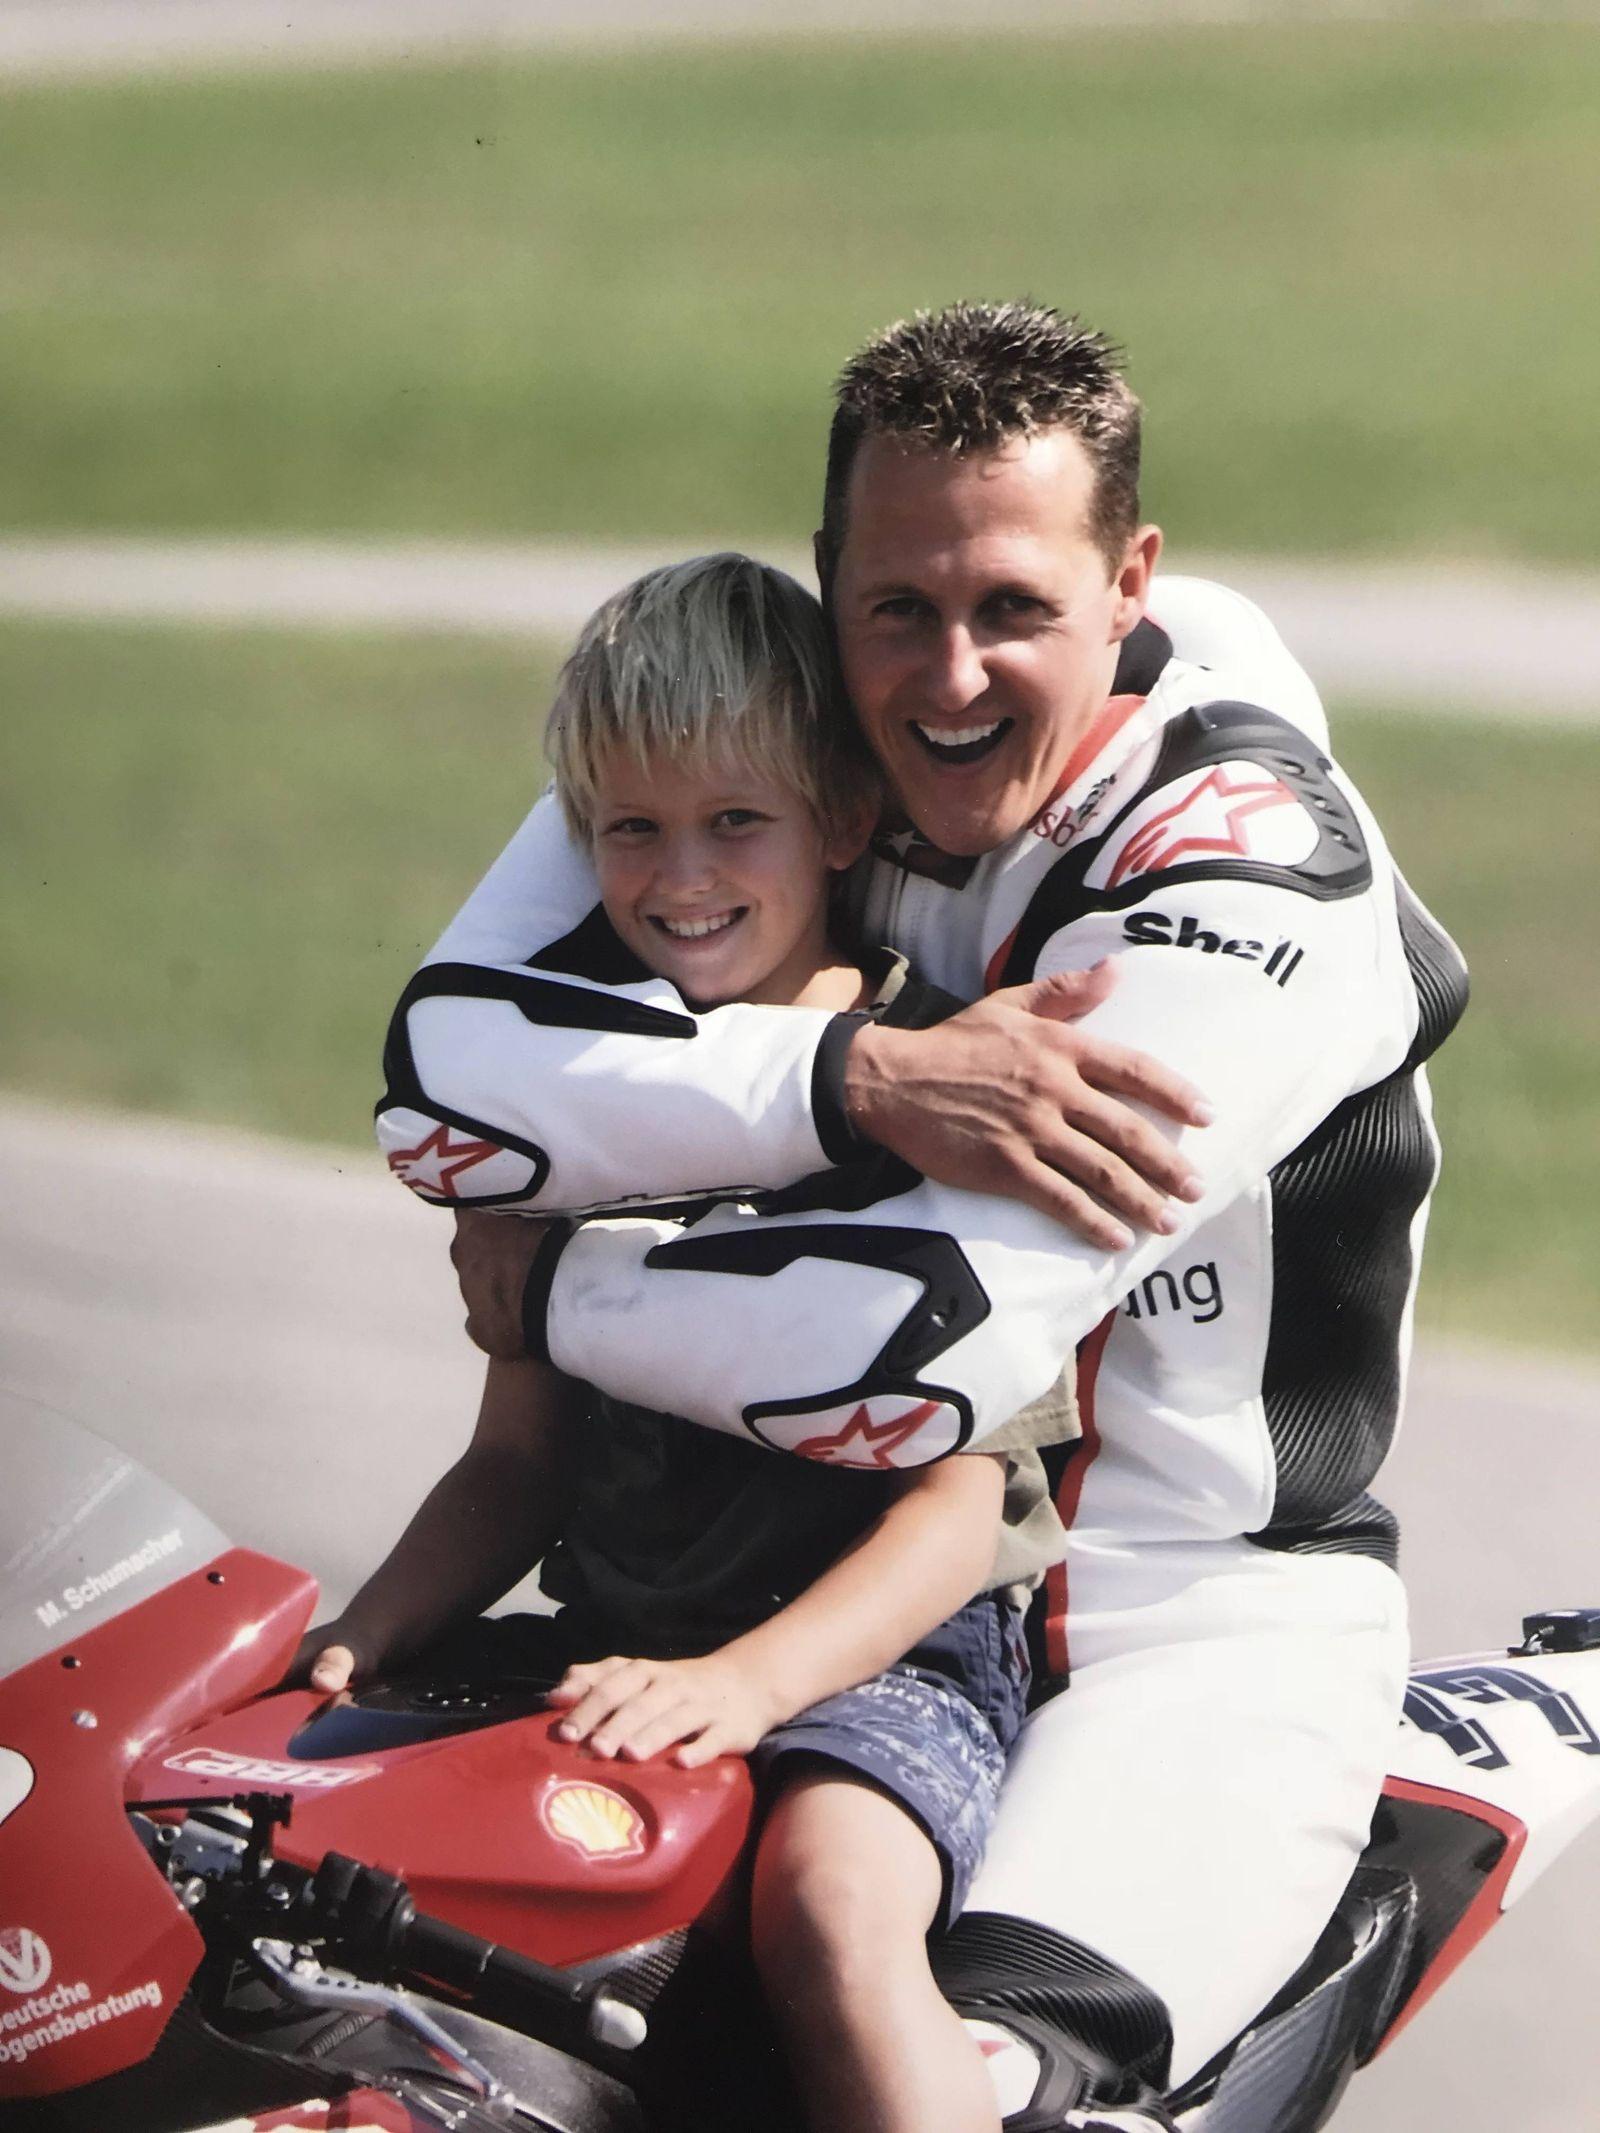 Michael und Mick Schumacher auf seiner Honda Maschine Oschersleben Deutschland *** Michael and Mick Schumacher on their